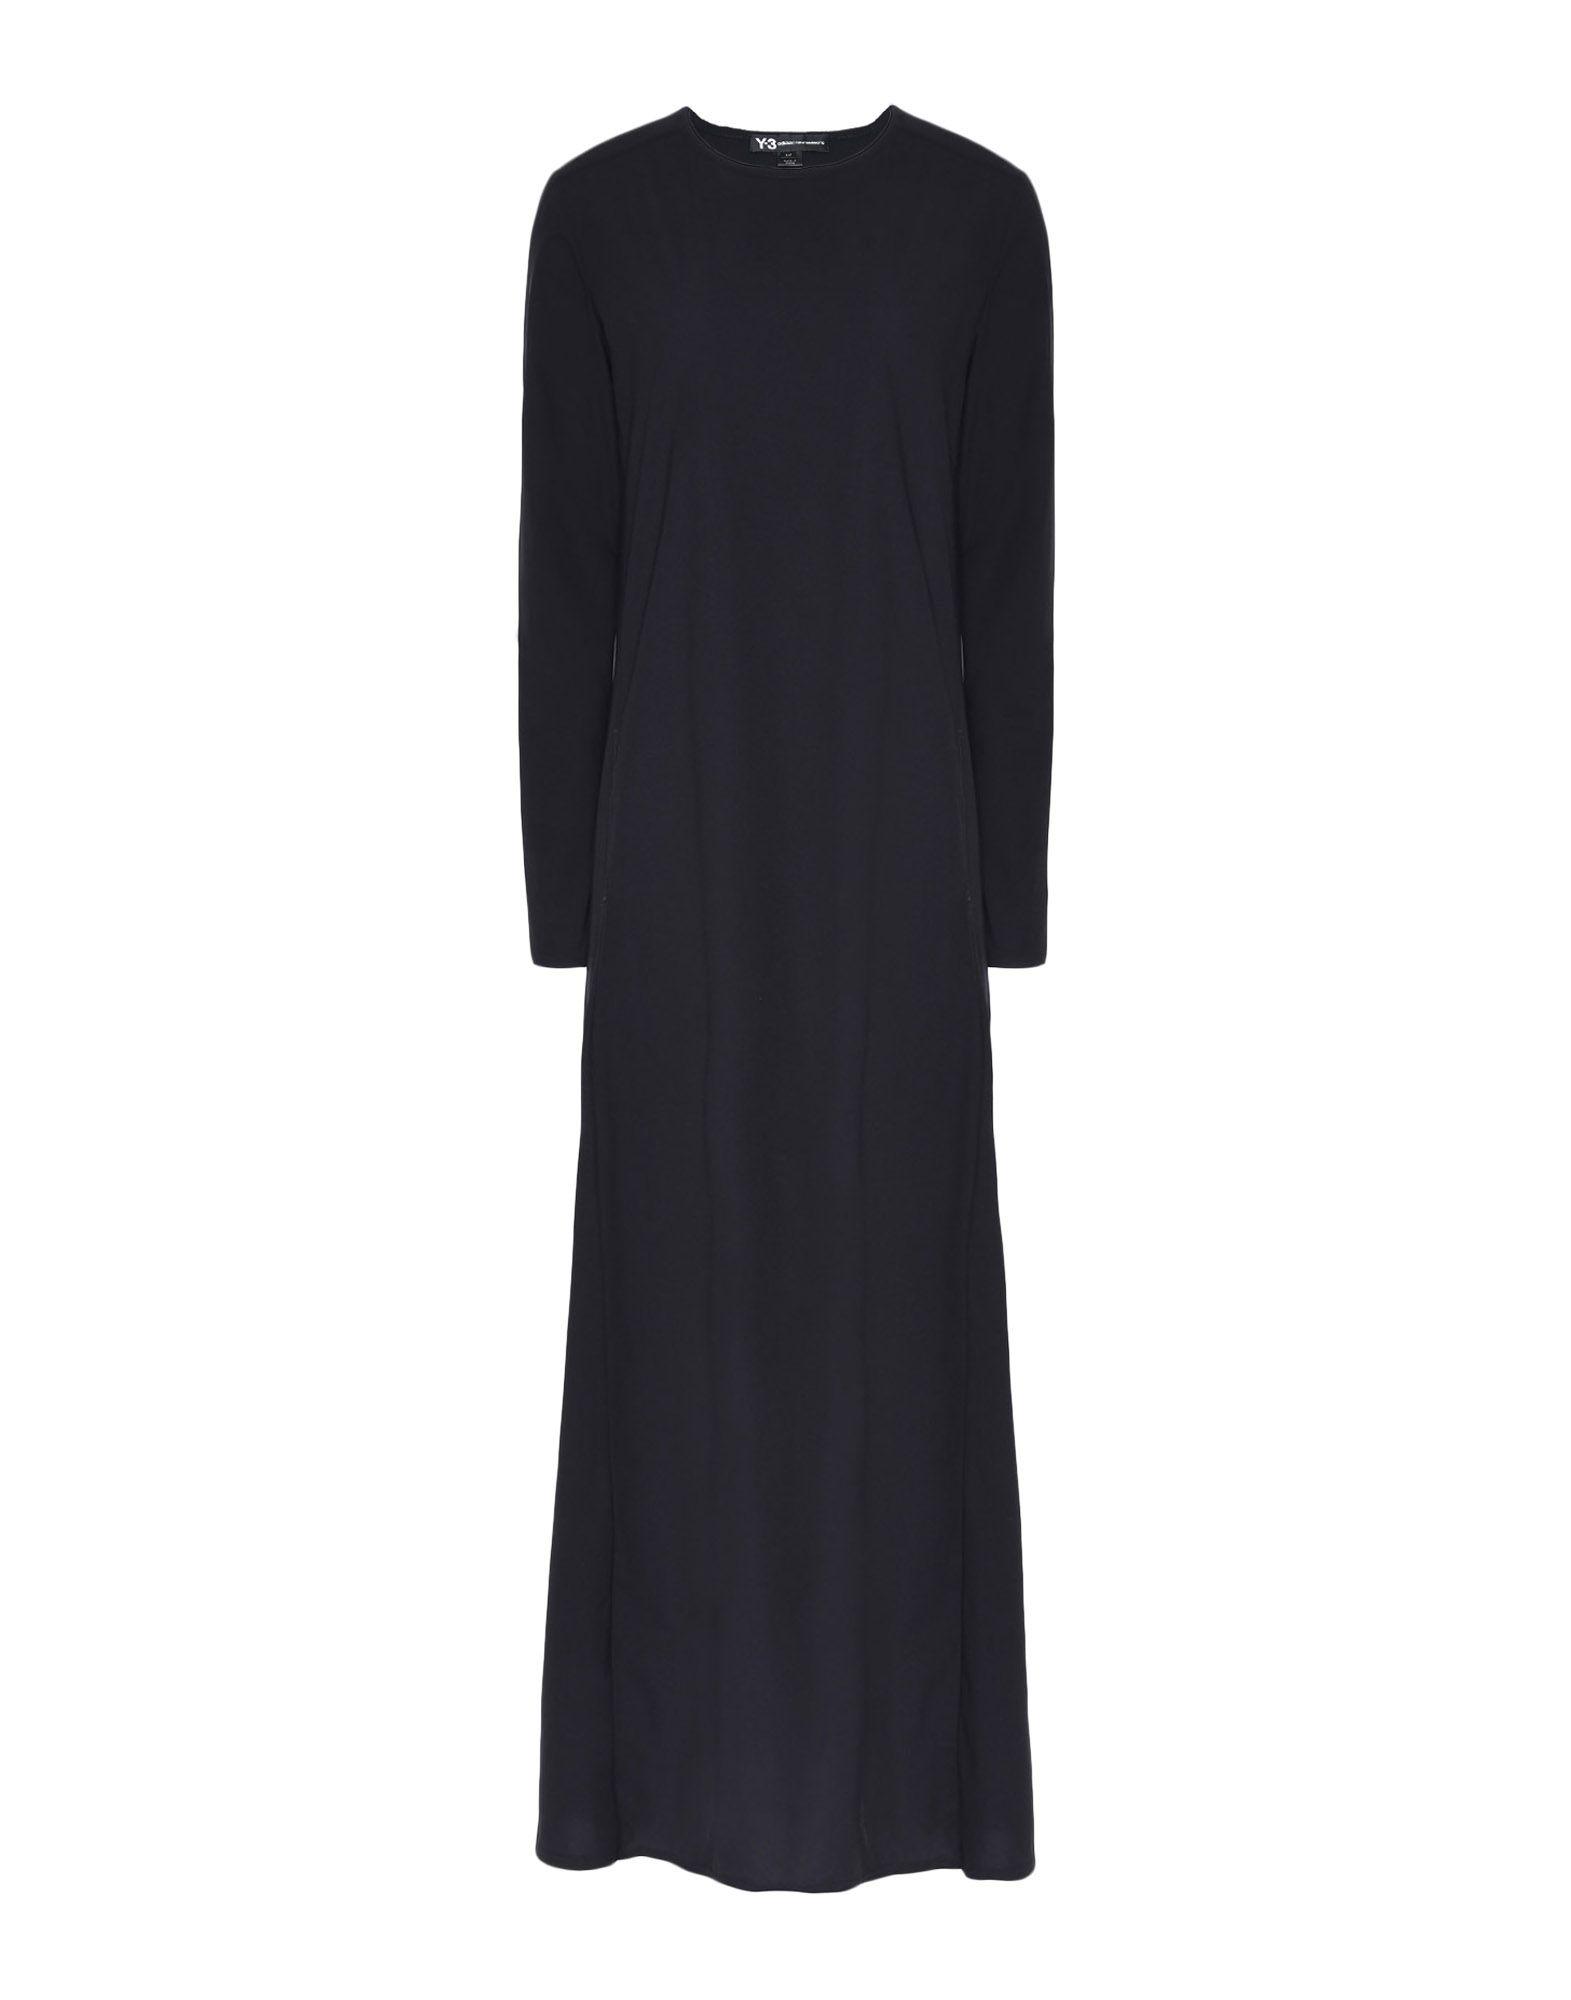 Y-3 Y-3 Stacked Logo Dress Vestito lungo Donna f